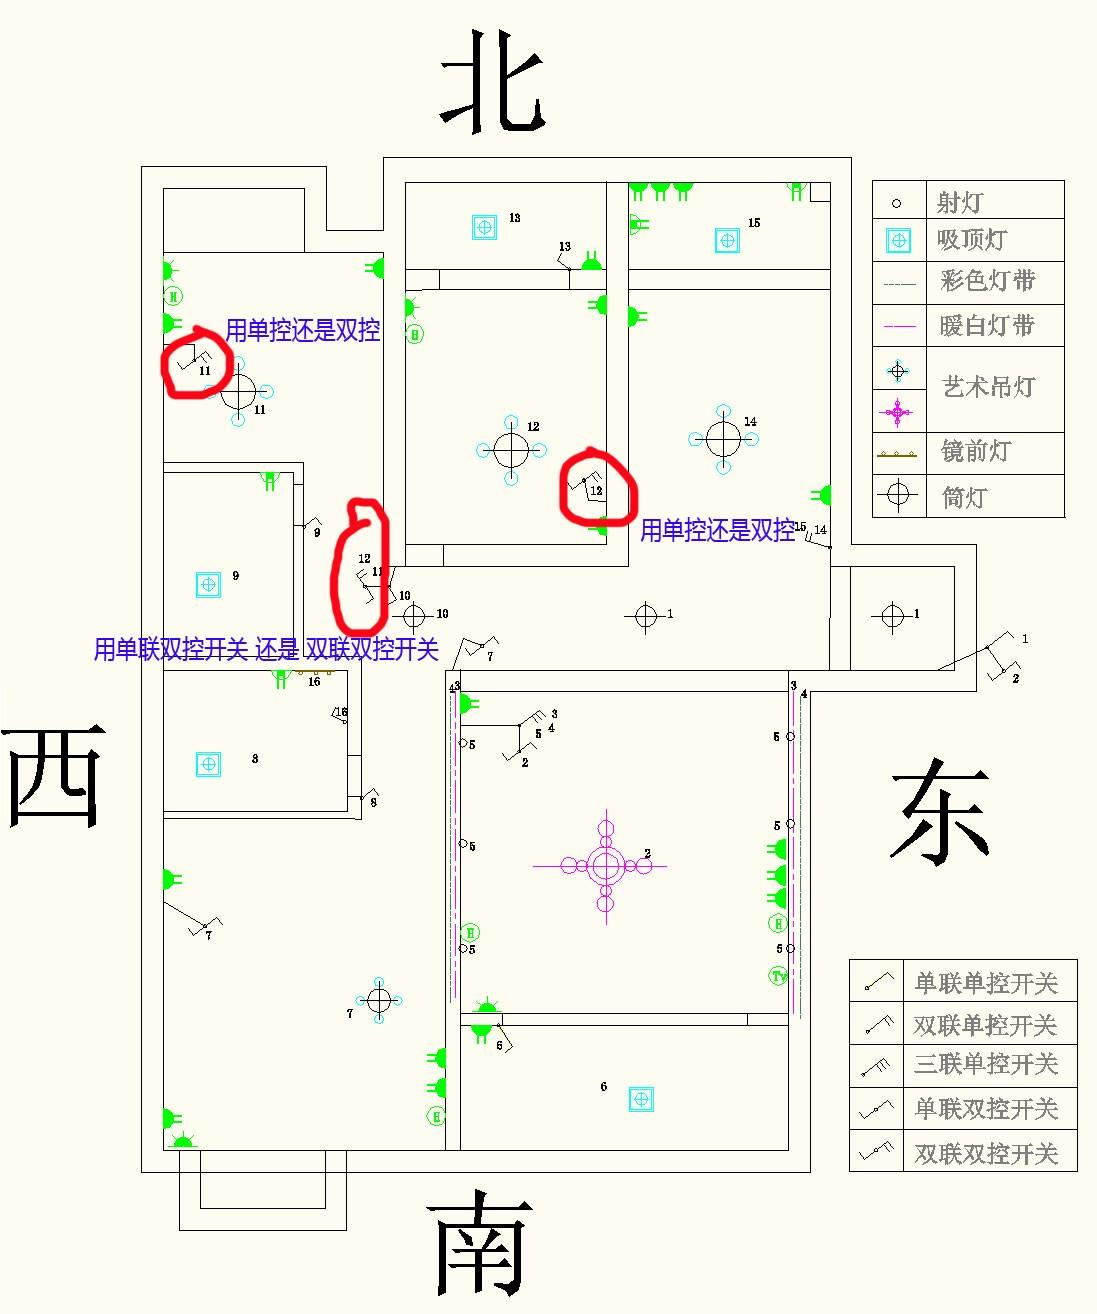 标准三室一厅cad图自己设计,电路图,布局是否合理